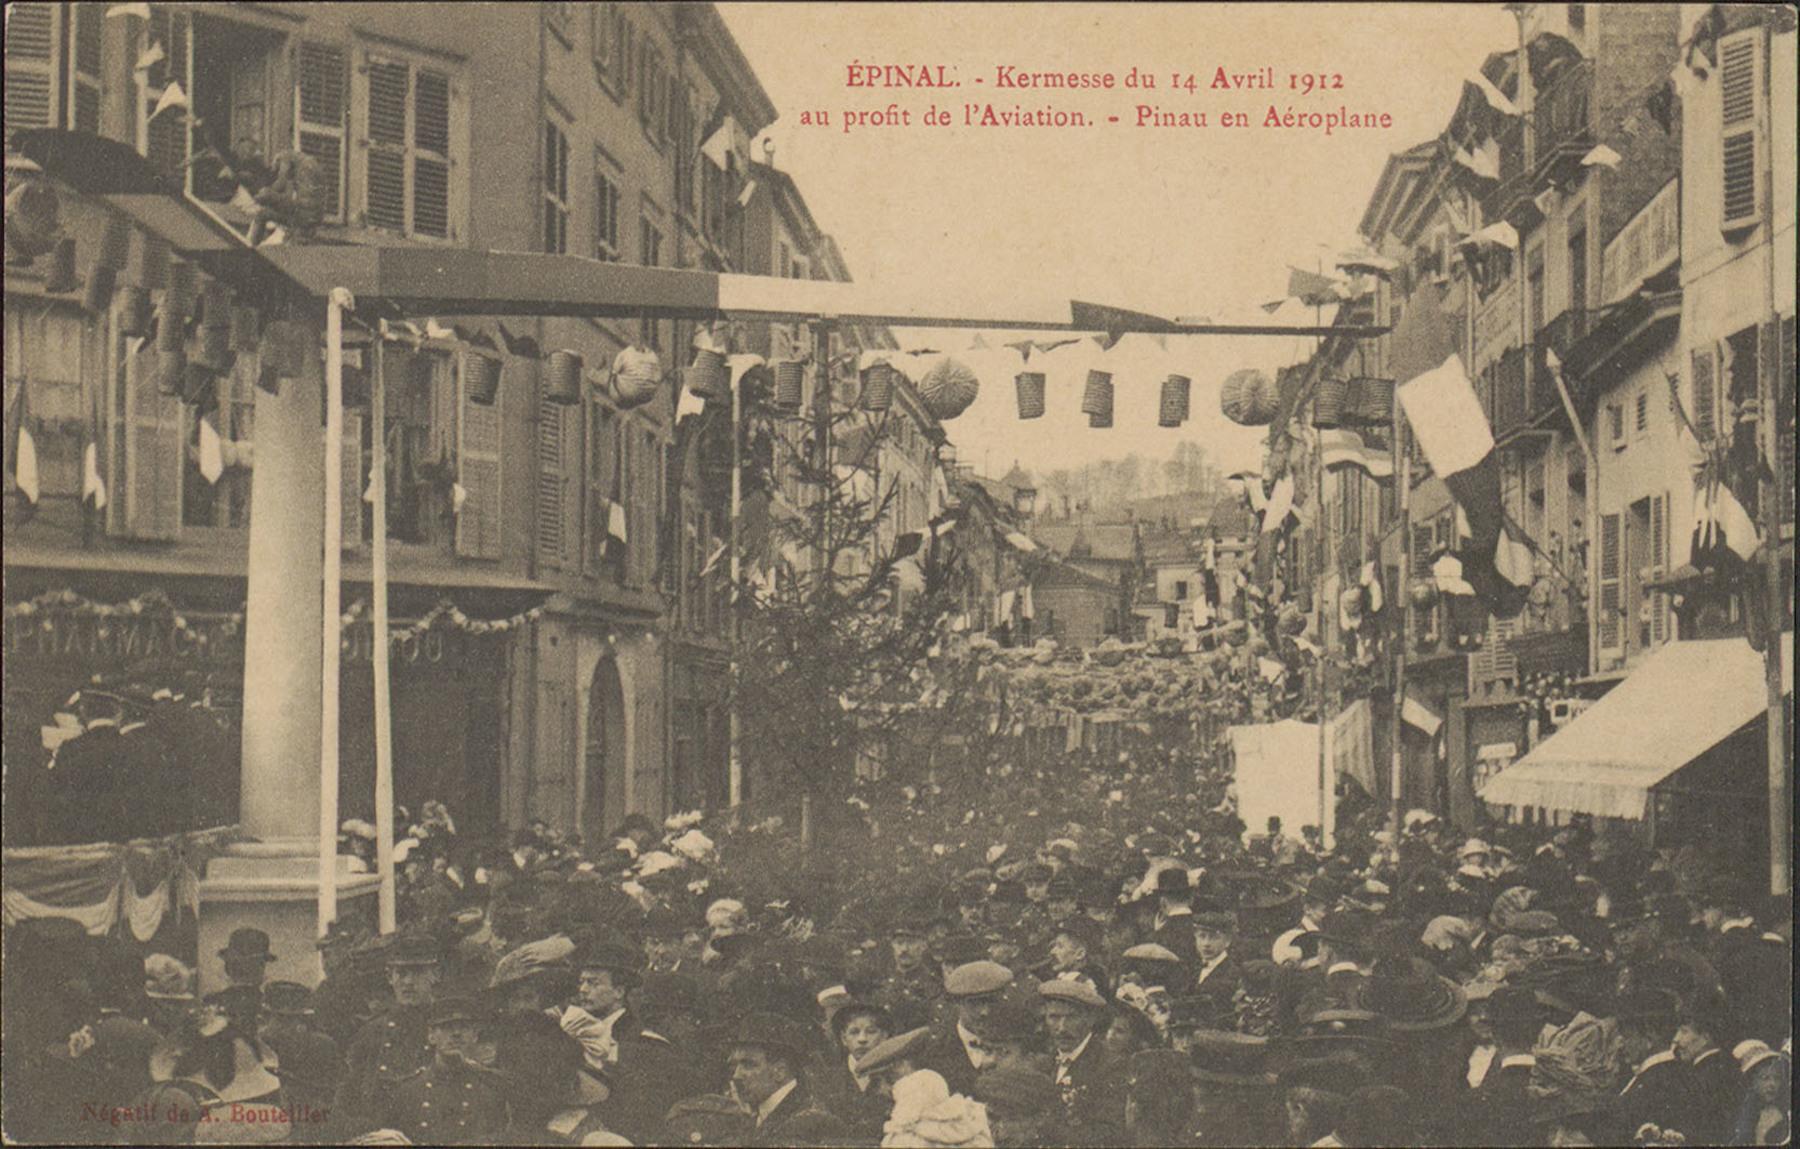 Contenu du Épinal, Kermesse du 14 Avril 1912 au profit de l'Aviation, Pinau en aéroplane